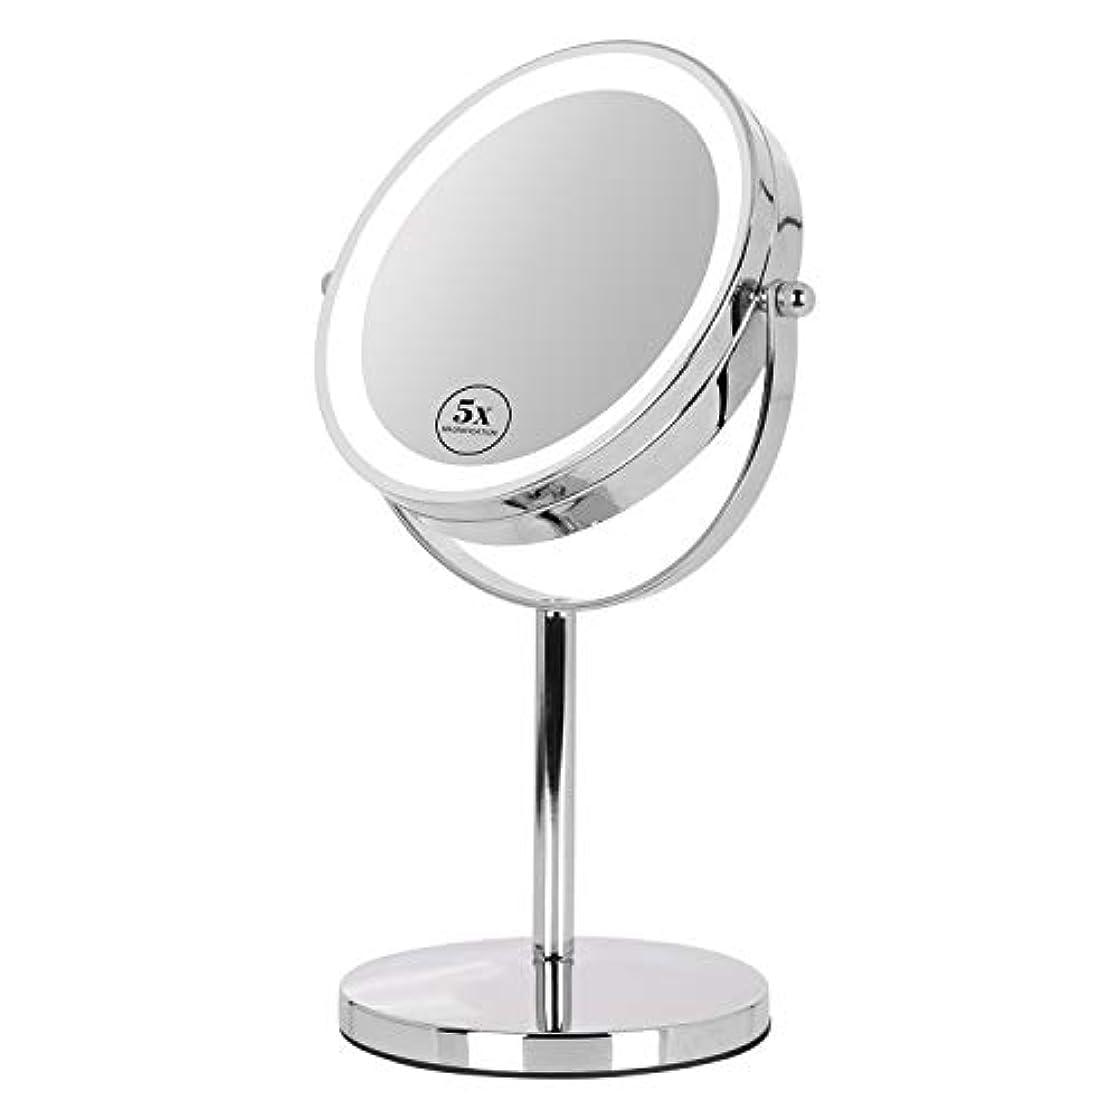 おかしいリファインそこ卓上ミラー 鏡 化粧鏡 LED付き 真実の両面鏡DX 5倍拡大鏡 360度回転 卓上鏡 鏡面Φ165mm